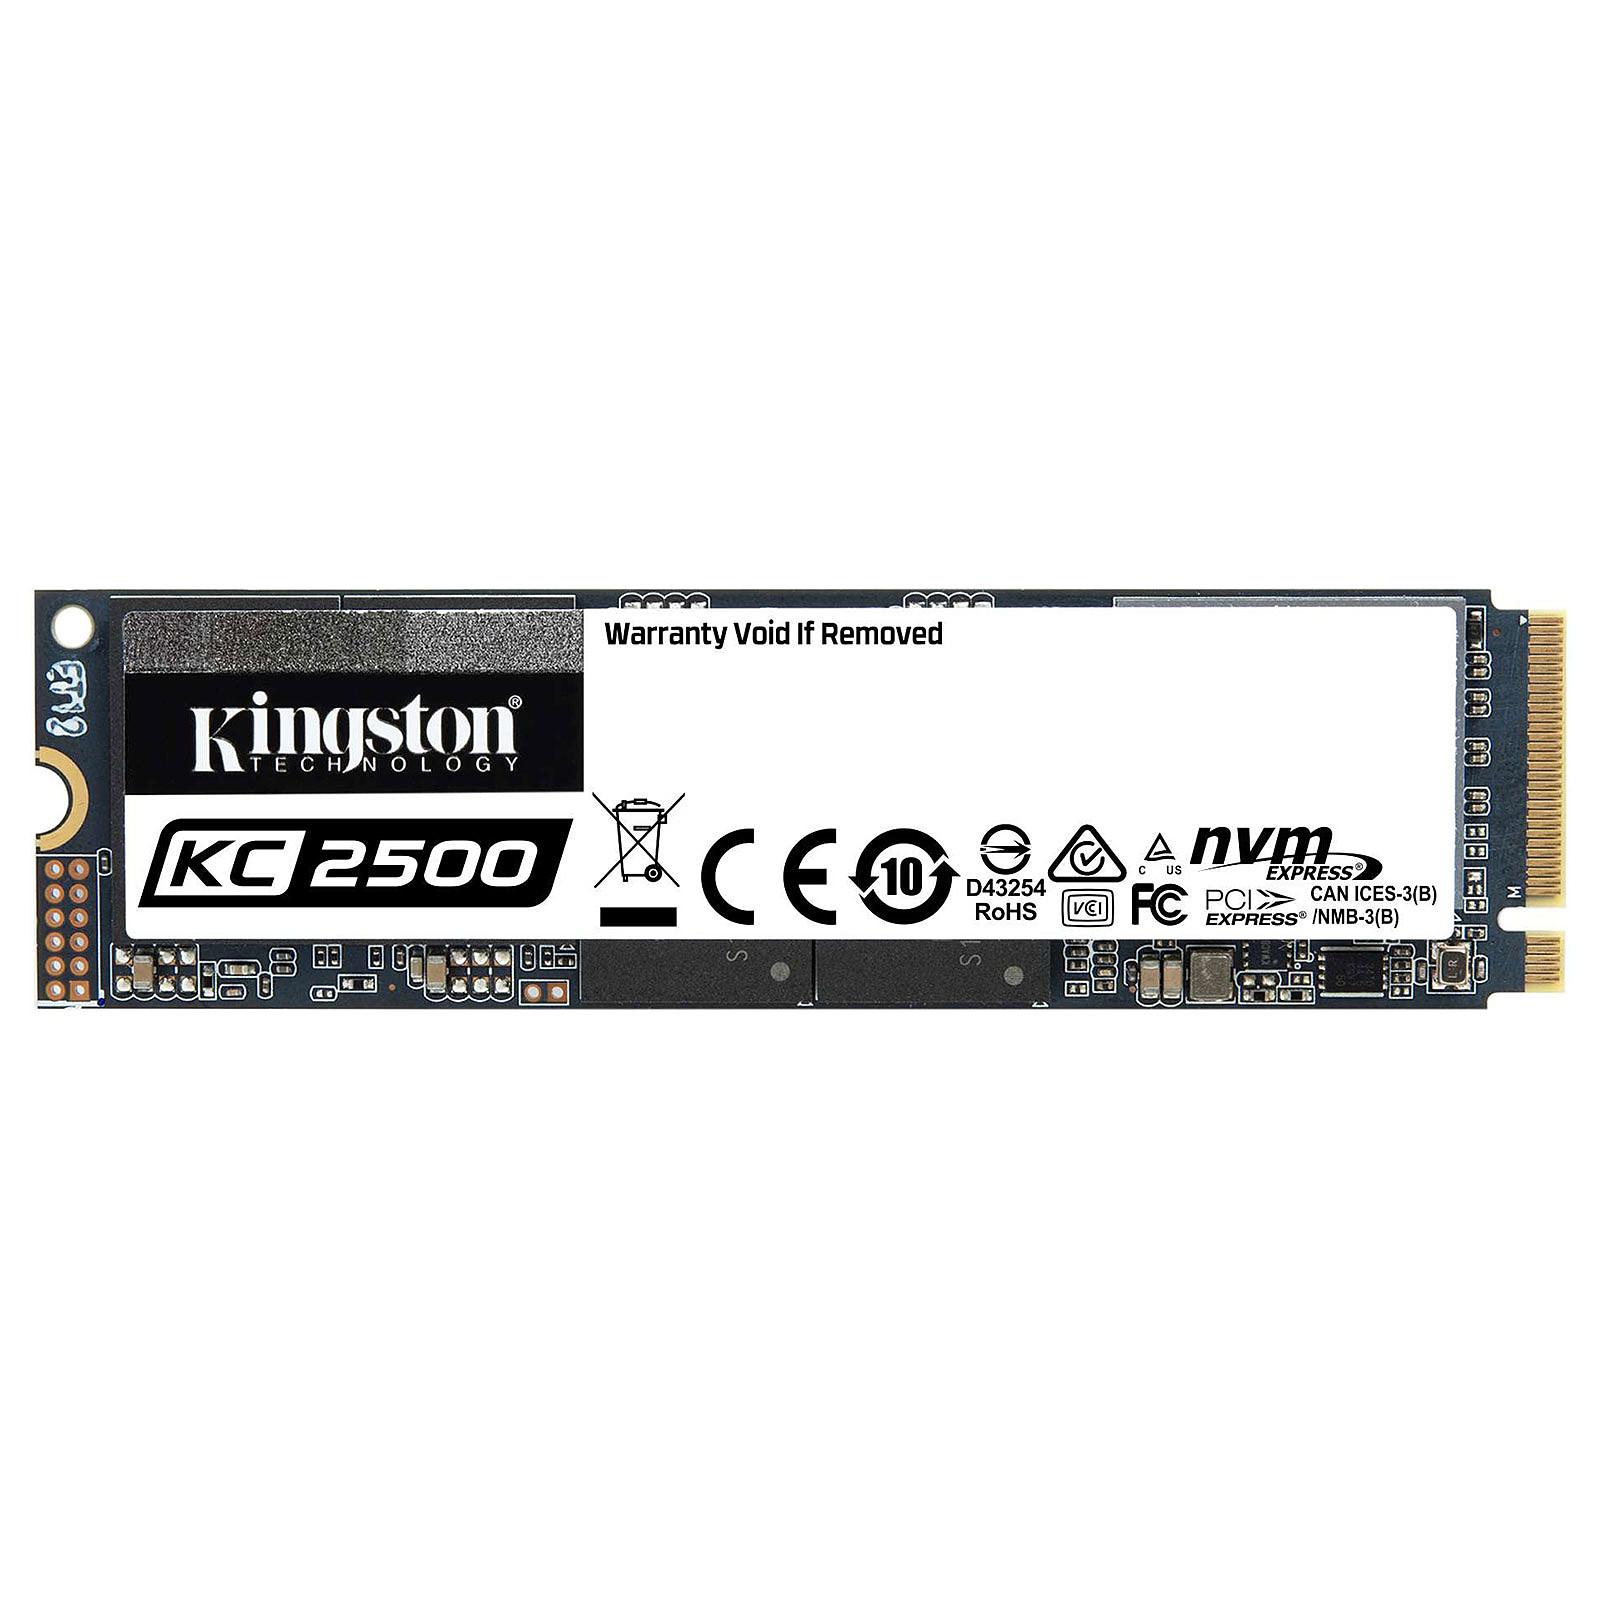 Kingston KC2500 500 GB